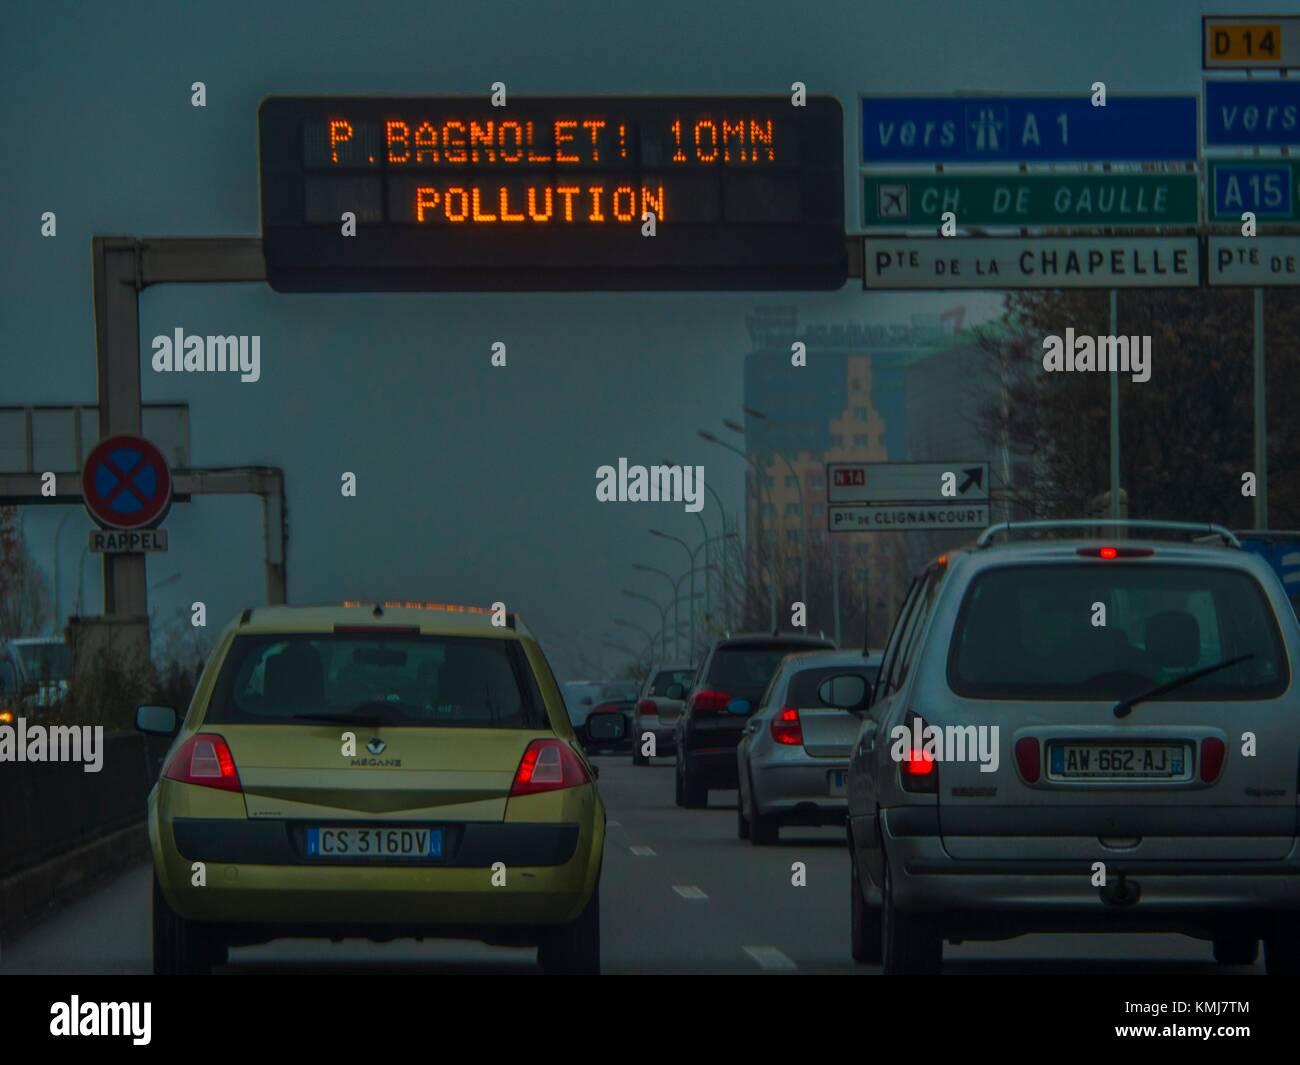 La Francia. Parigi. L'inquinamento Immagini Stock